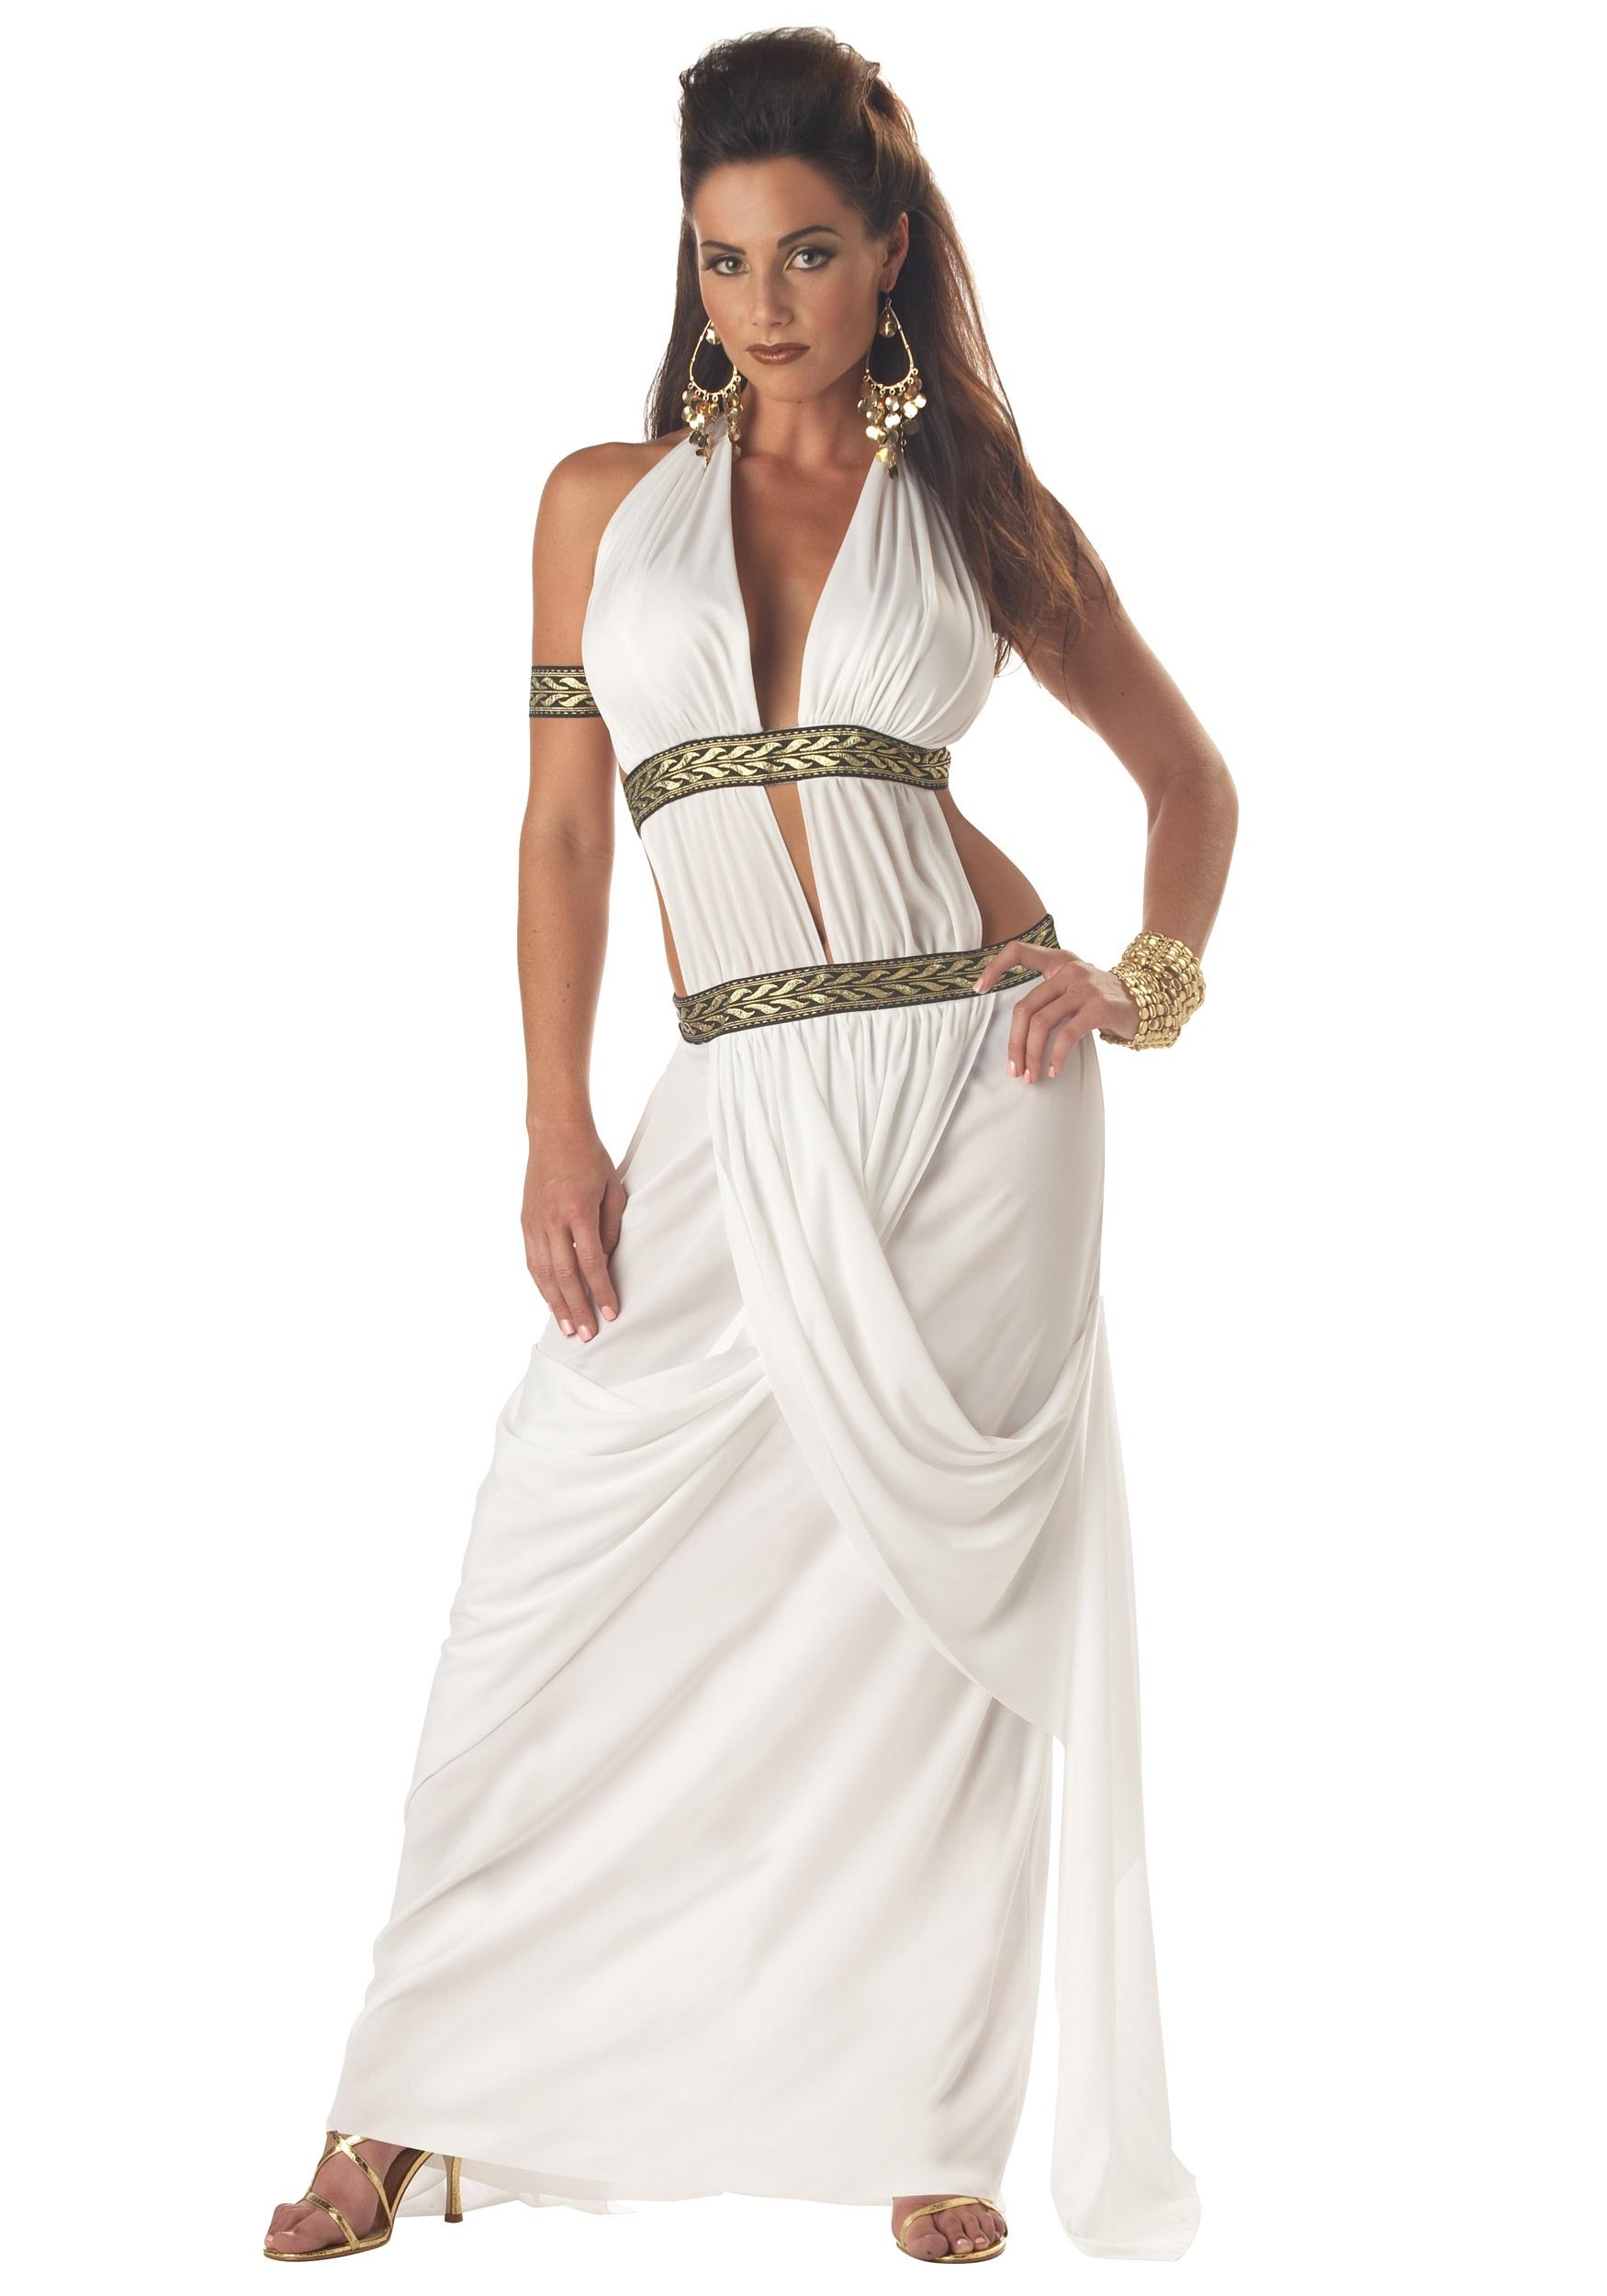 spartan-queen-costume.jpg edf56bdba